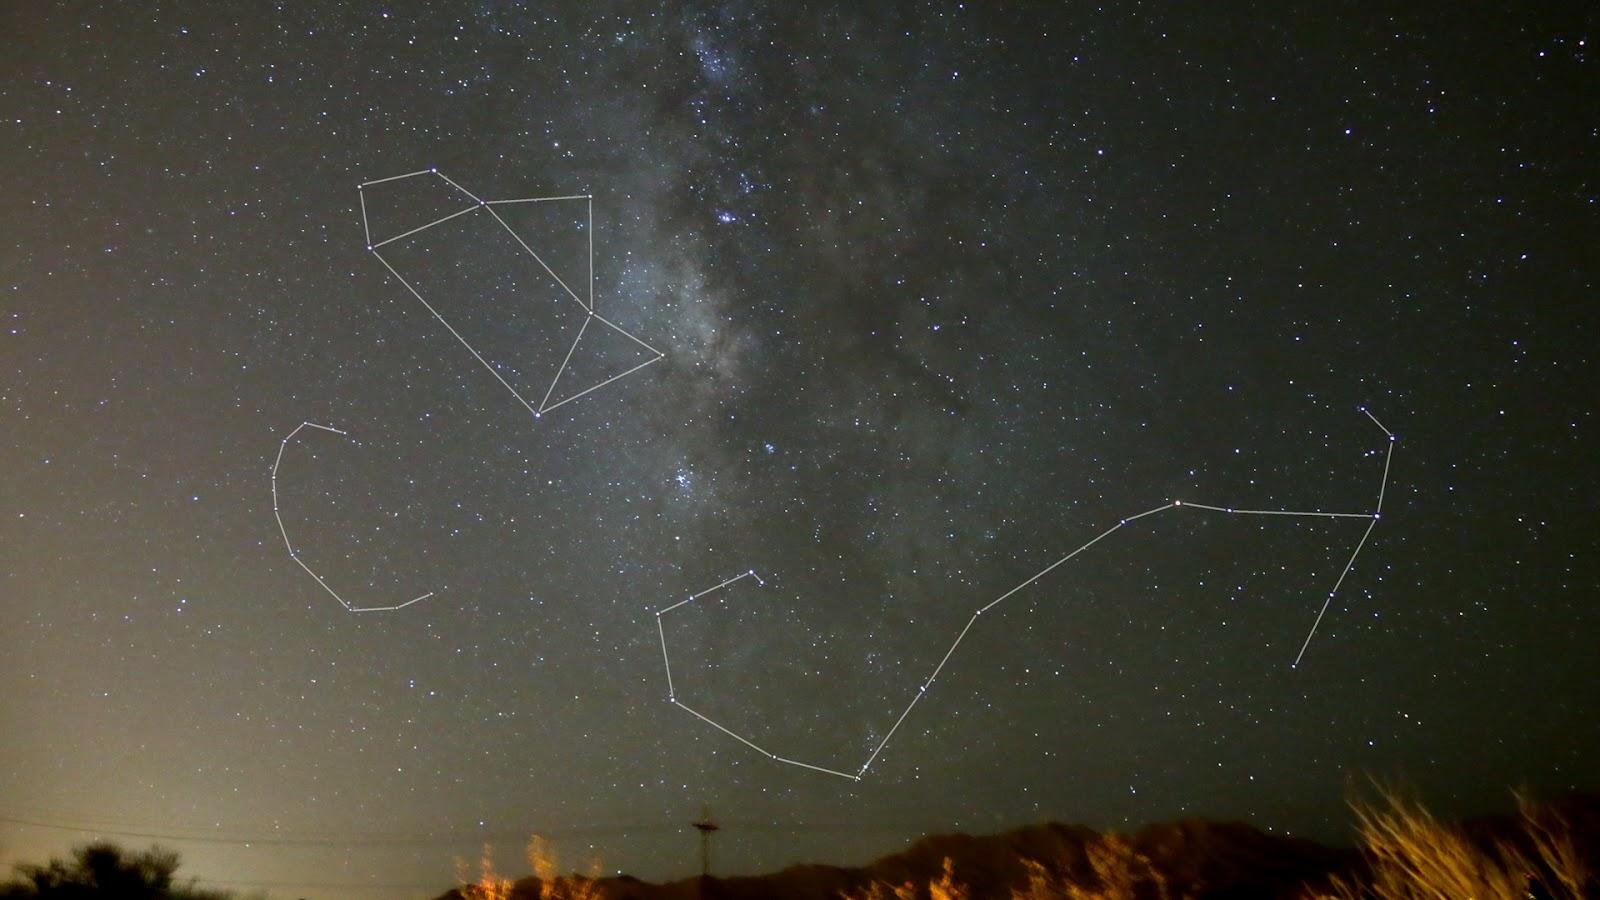 Nhóm sao Ấm trà thuộc chòm sao Cung Thủ thì nằm gần khu vực đông đúc của dải Ngân Hà và gần chòm sao Thiên Hạt (Scorpius). Hình ảnh : JohnDolby.